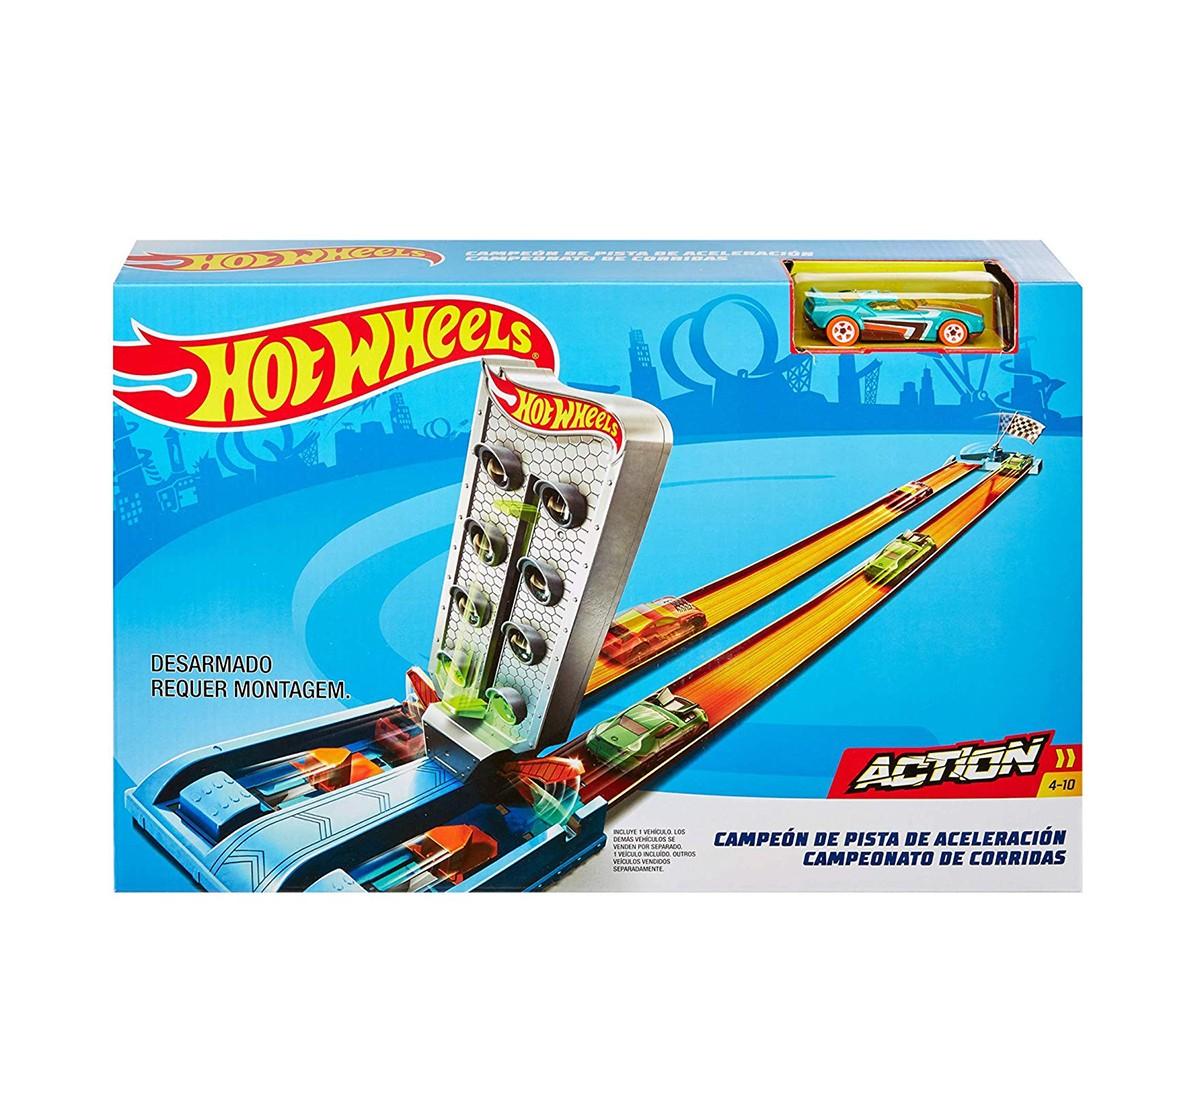 Hot Wheels Championship Trackset Tracksets & Train Sets for Kids age 4Y+